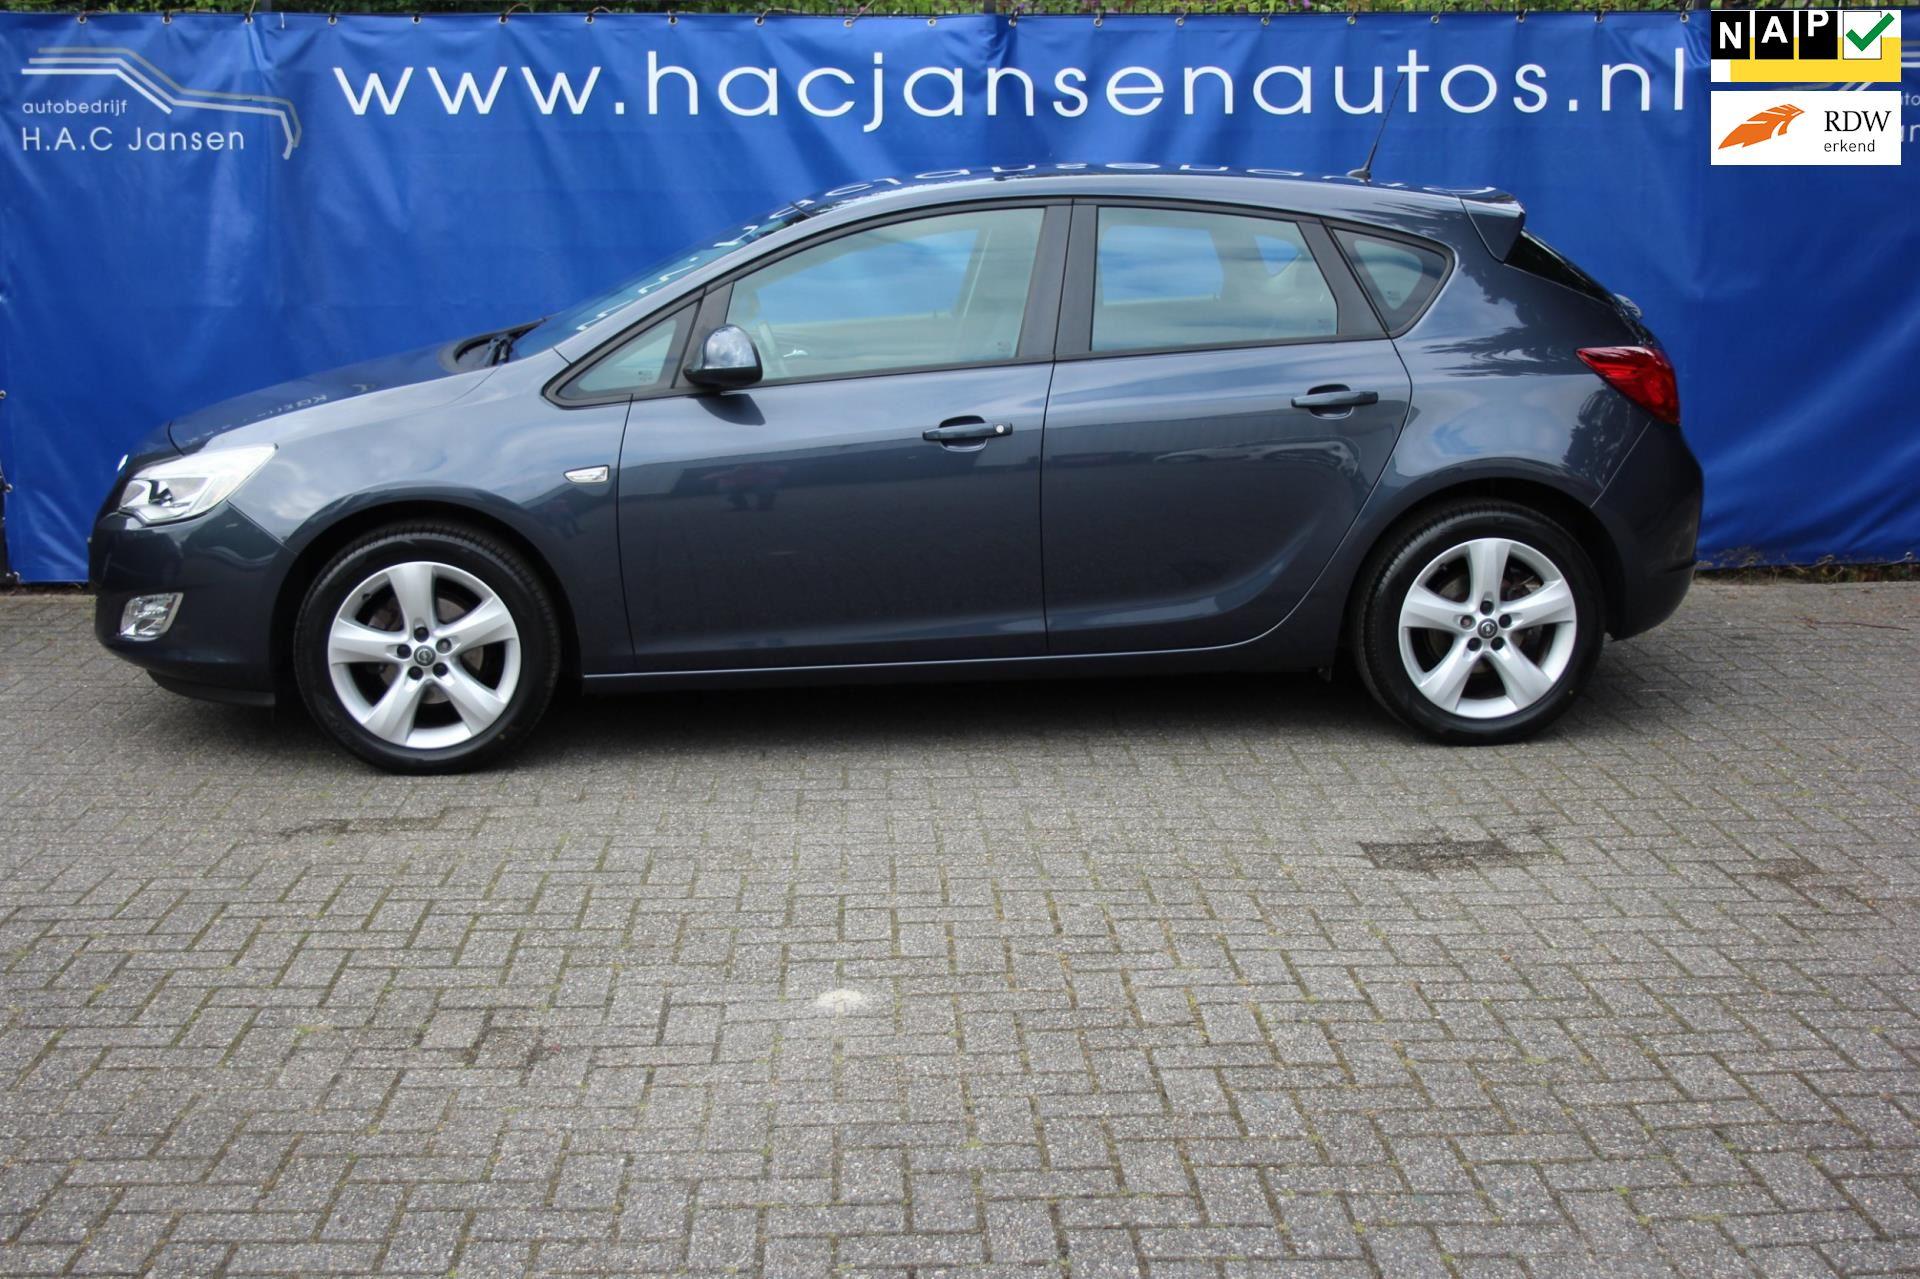 Opel Astra occasion - Autobedr. VOF HAC Jansen